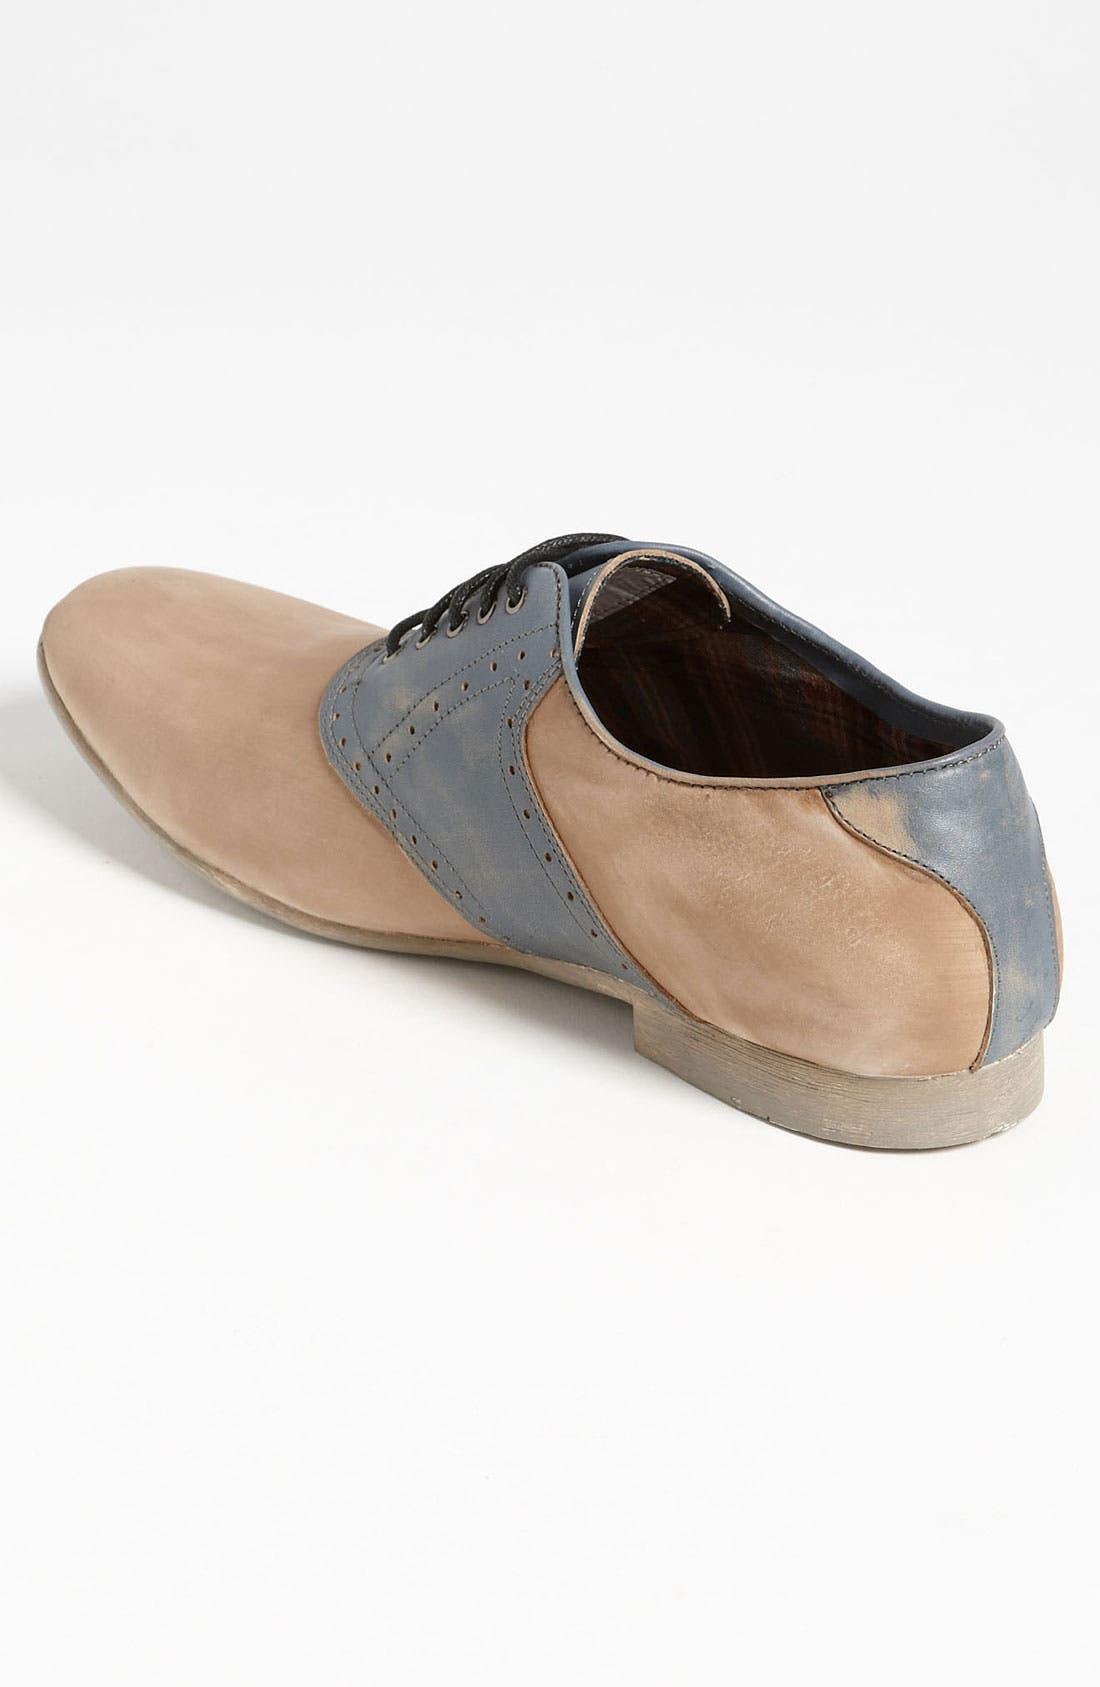 Alternate Image 2  - Bed Stu 'Orleans' Saddle Shoe